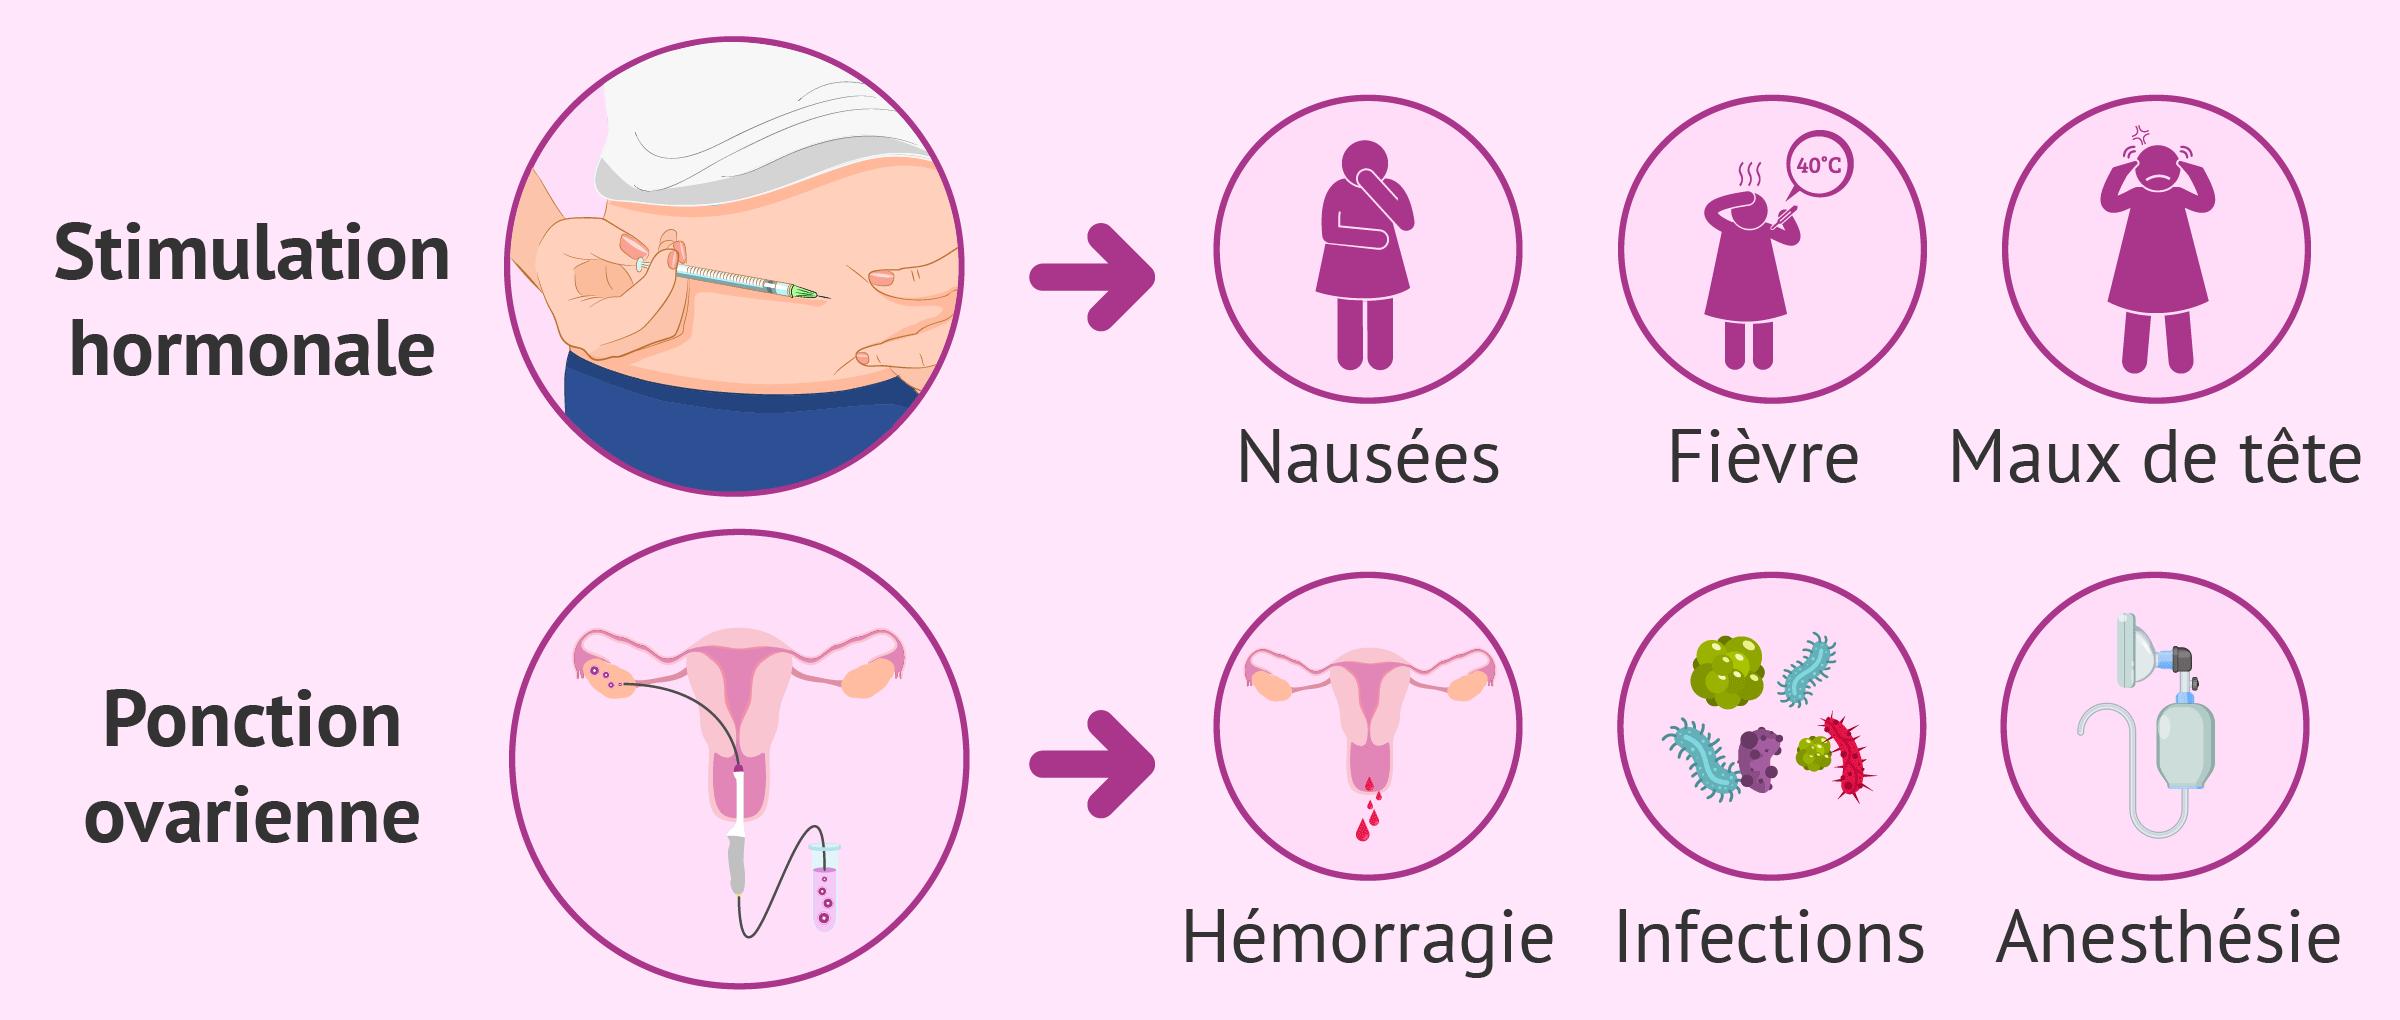 Effets secondaires et risques du don d'ovocytes